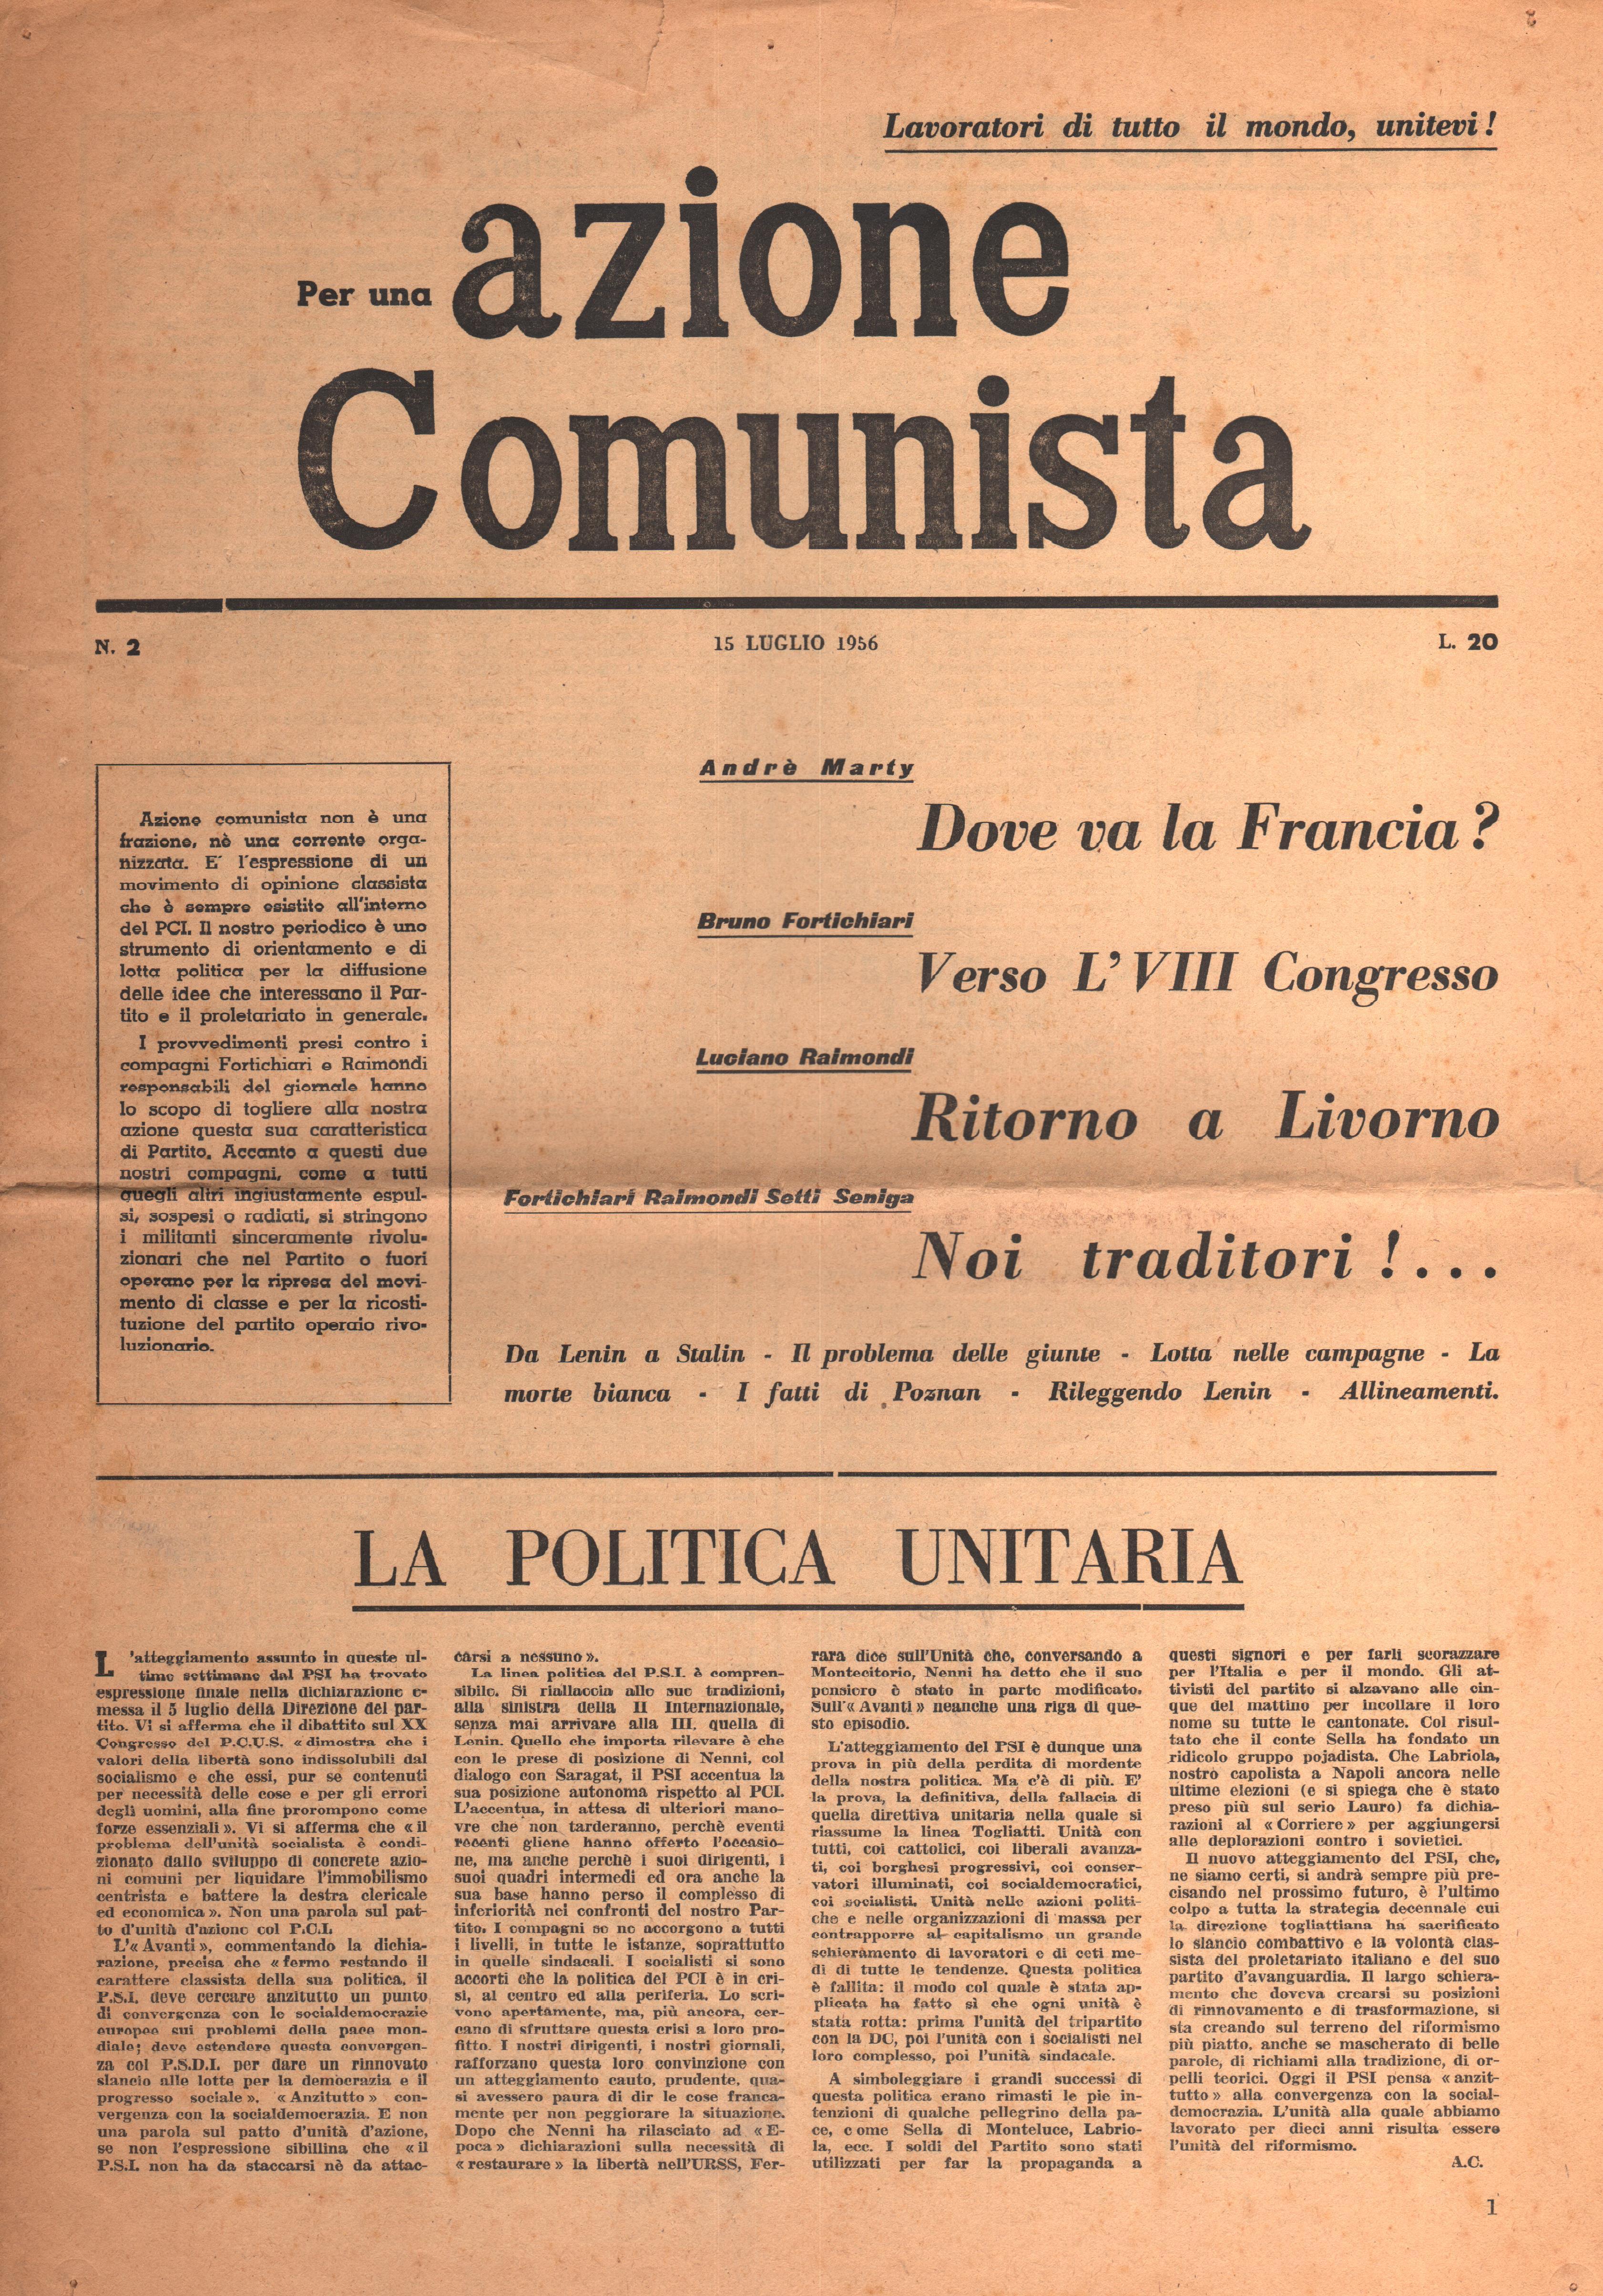 Per una Azione Comunista n. 2 - pag. 1